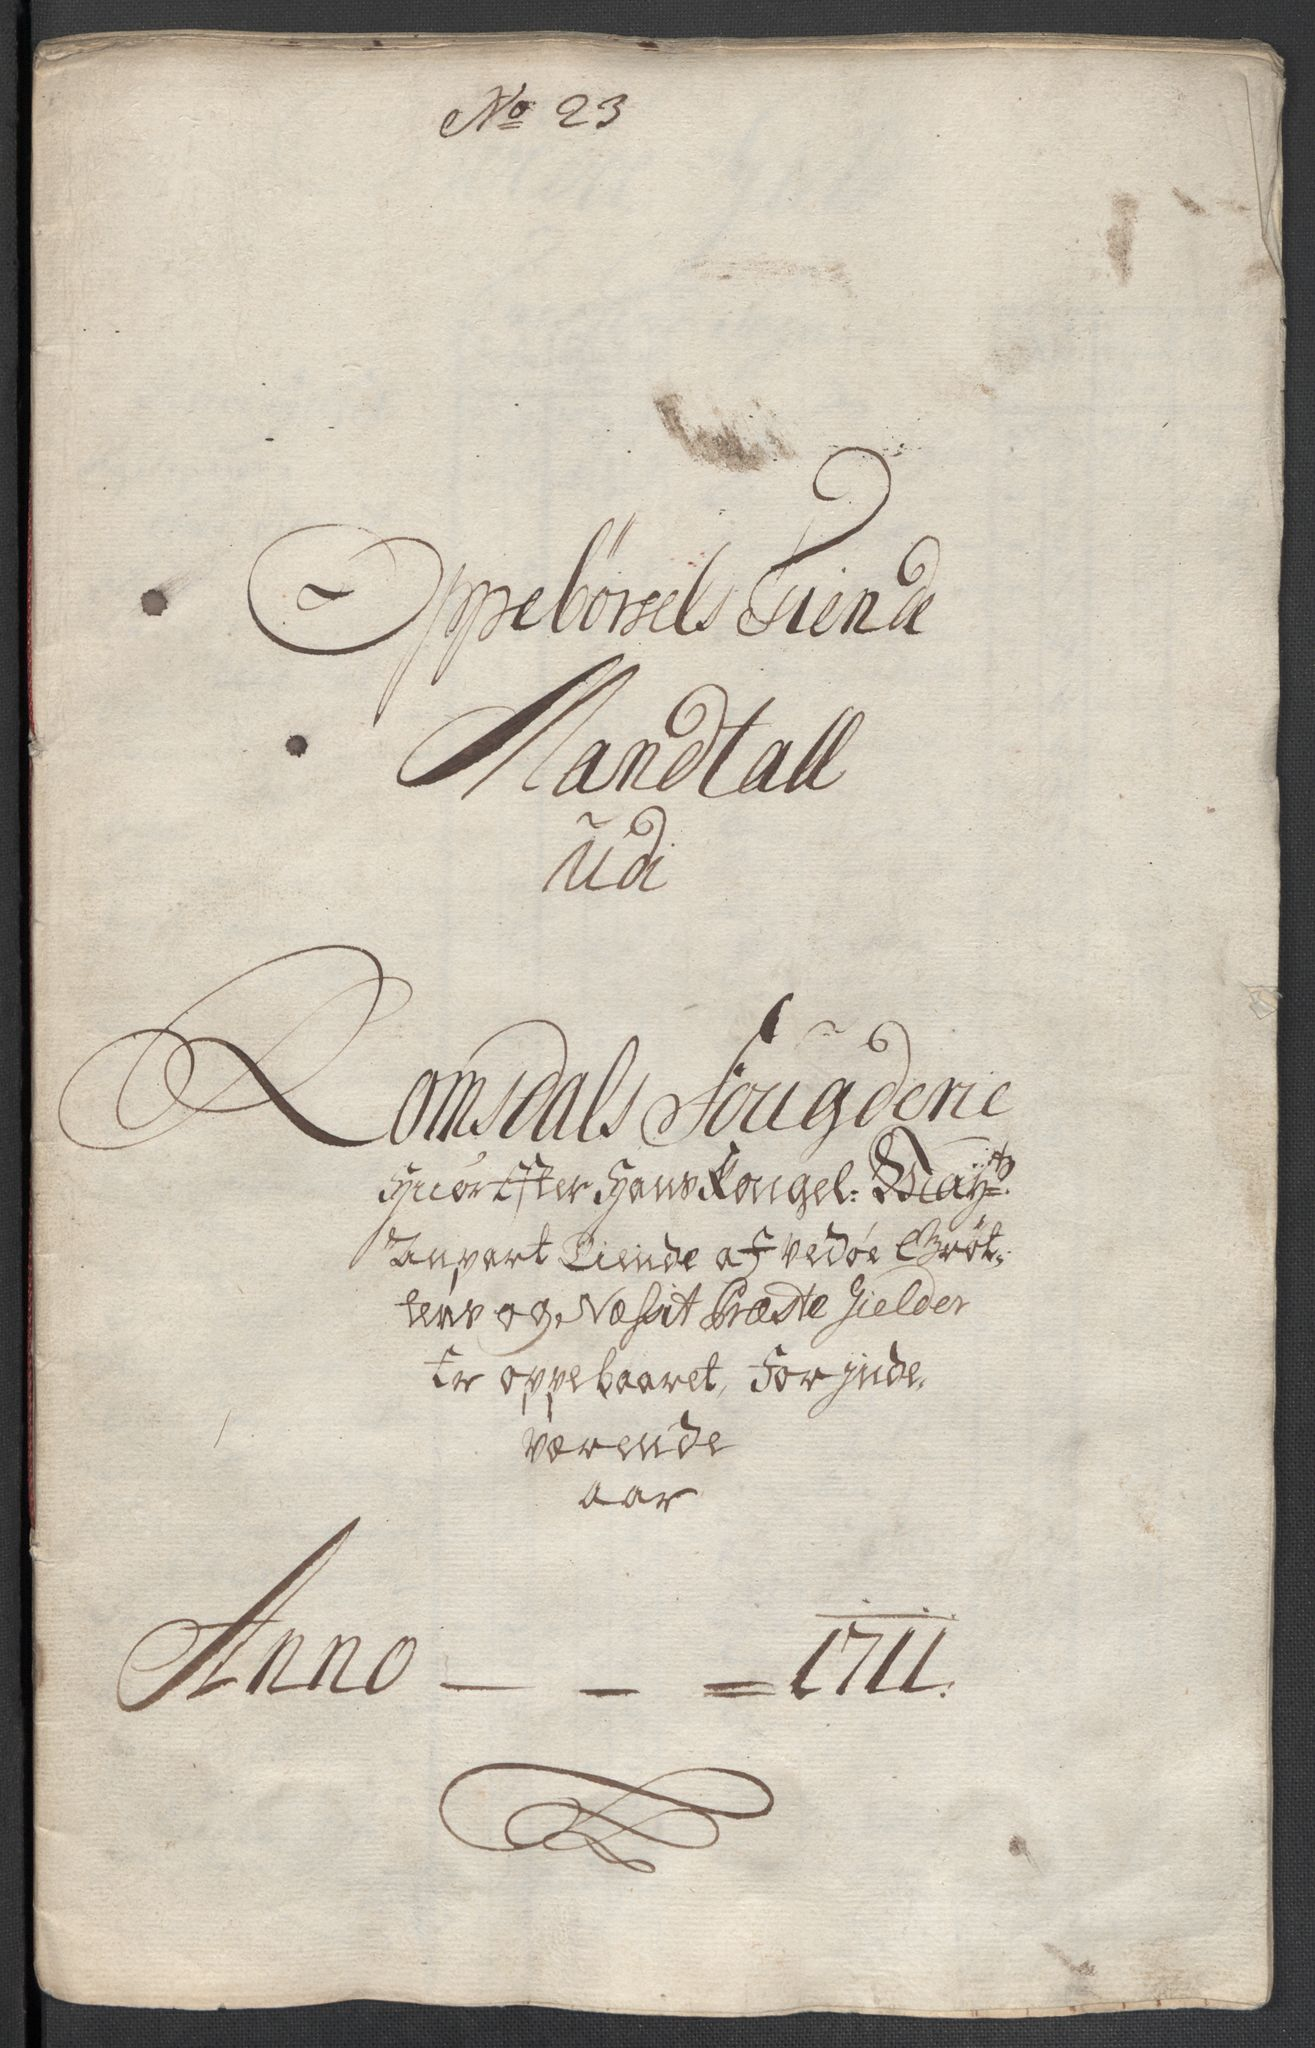 RA, Rentekammeret inntil 1814, Reviderte regnskaper, Fogderegnskap, R55/L3660: Fogderegnskap Romsdal, 1711, s. 385